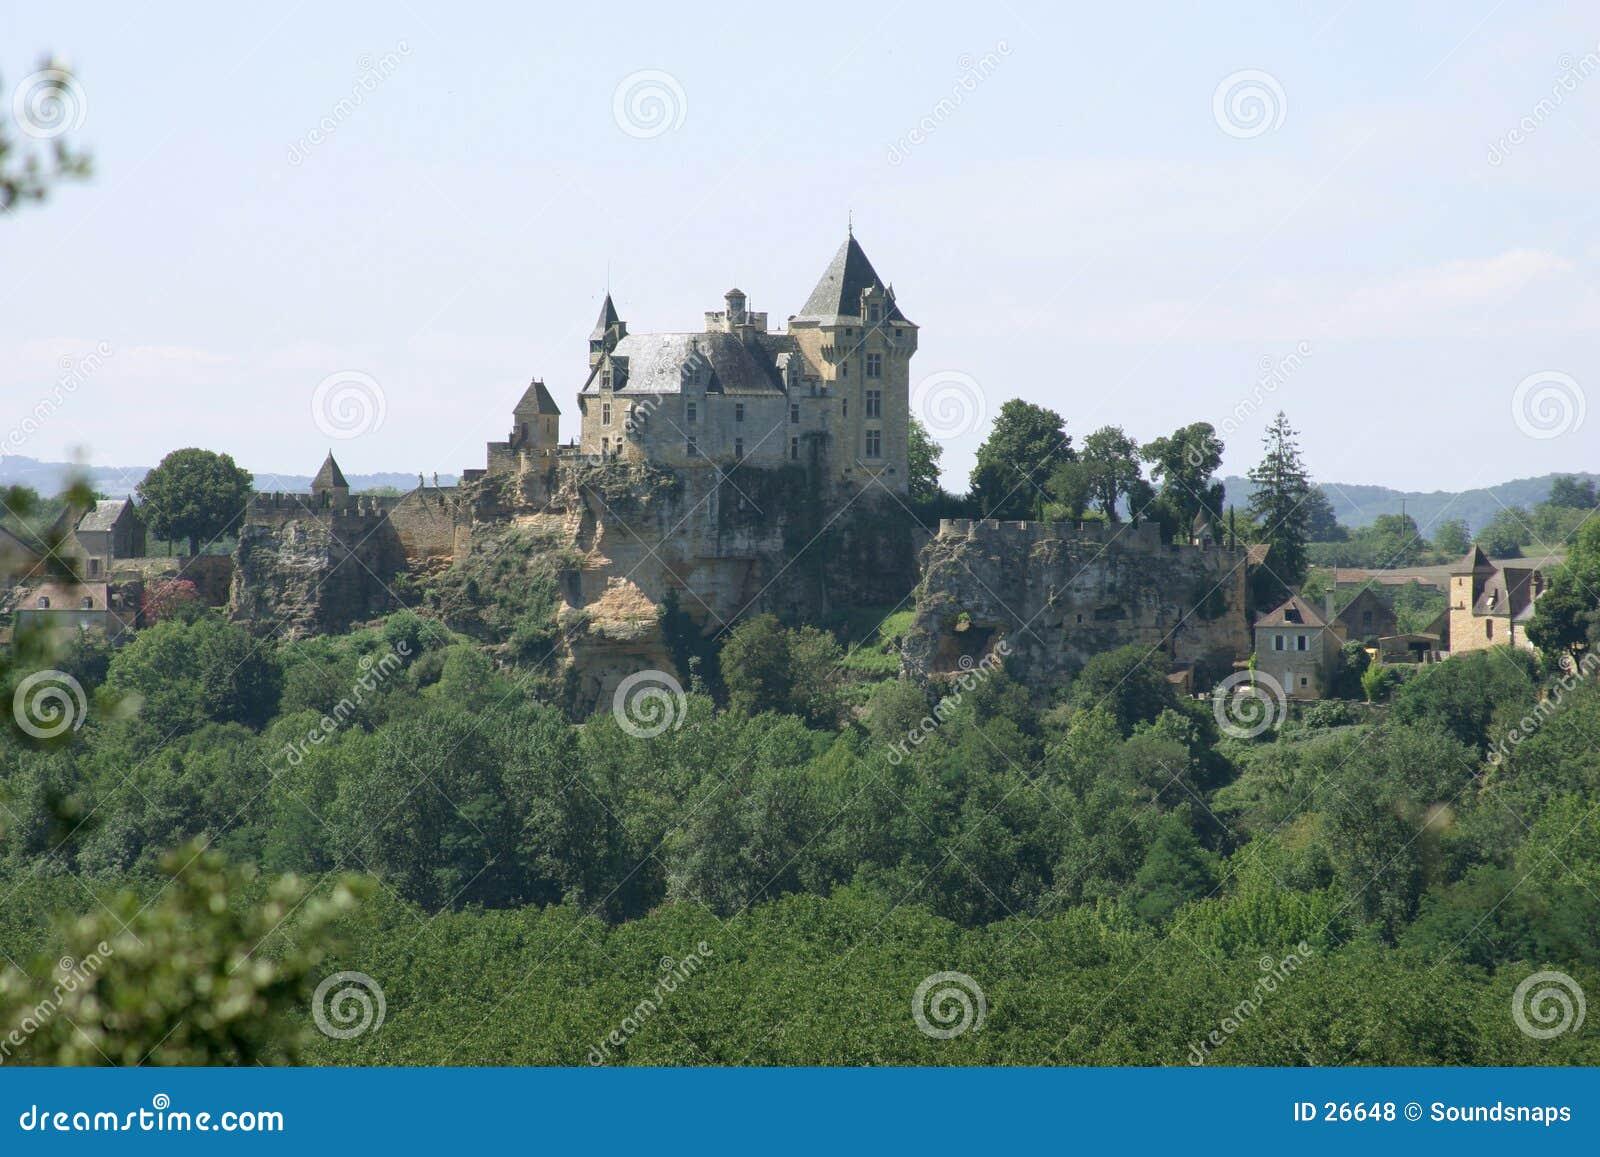 Kasteel in Dordogne in Frankrijk